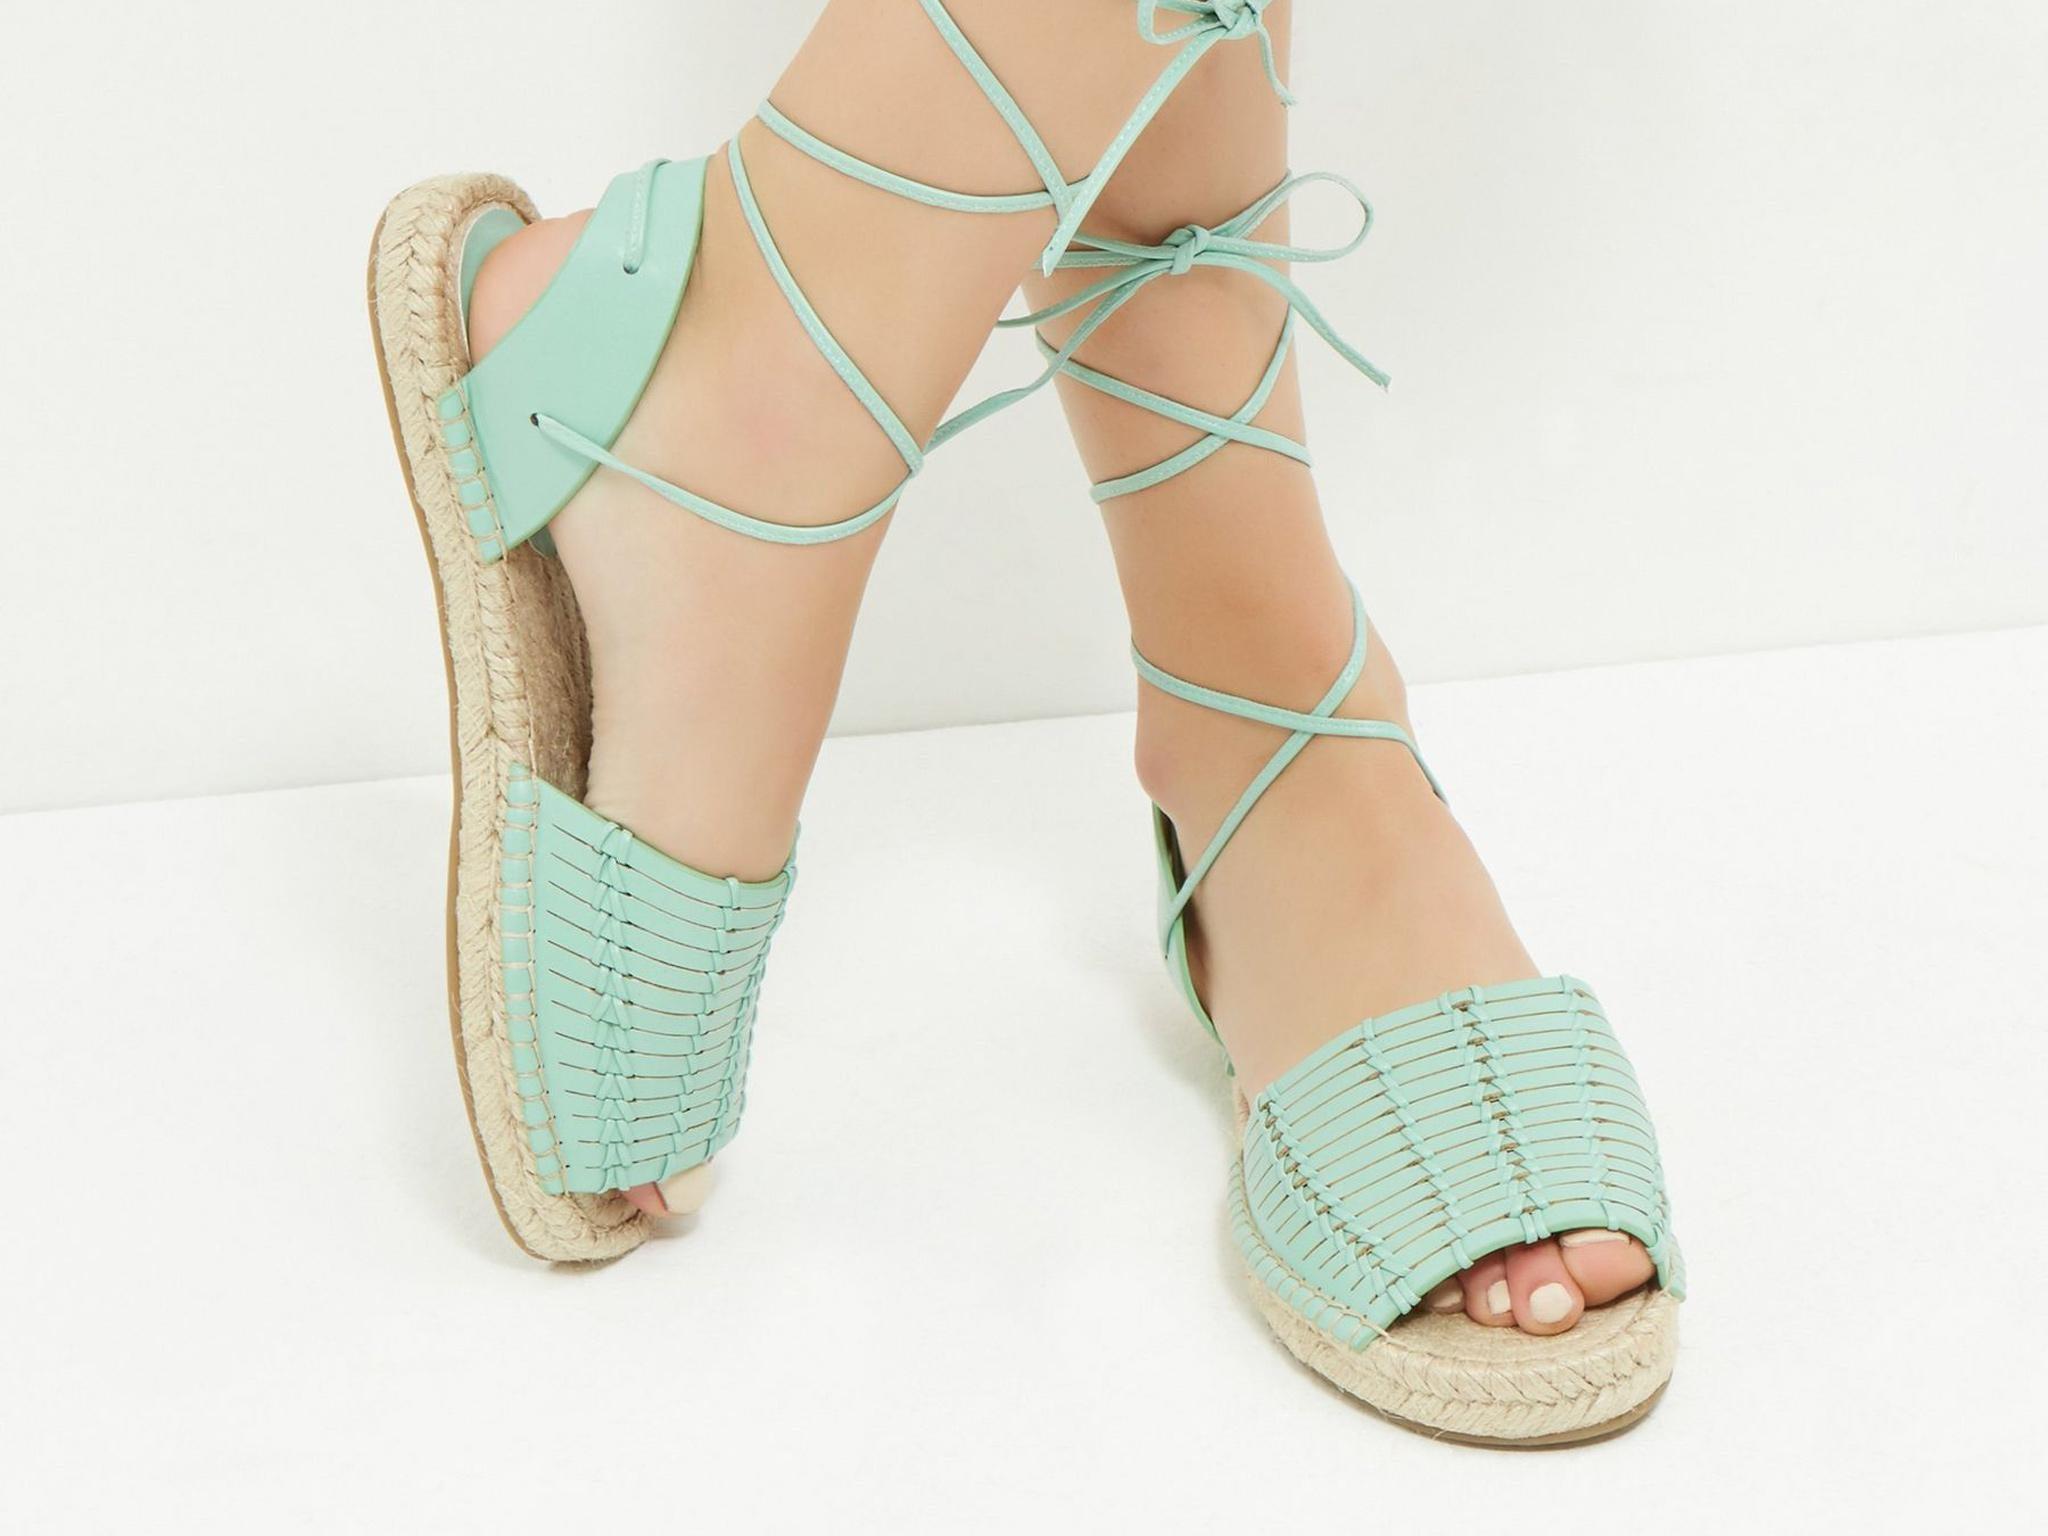 pompom sandals pom pom sandals boho sandals gladiator sandals lace up sandals tie up sandals English Summertime leather sandals